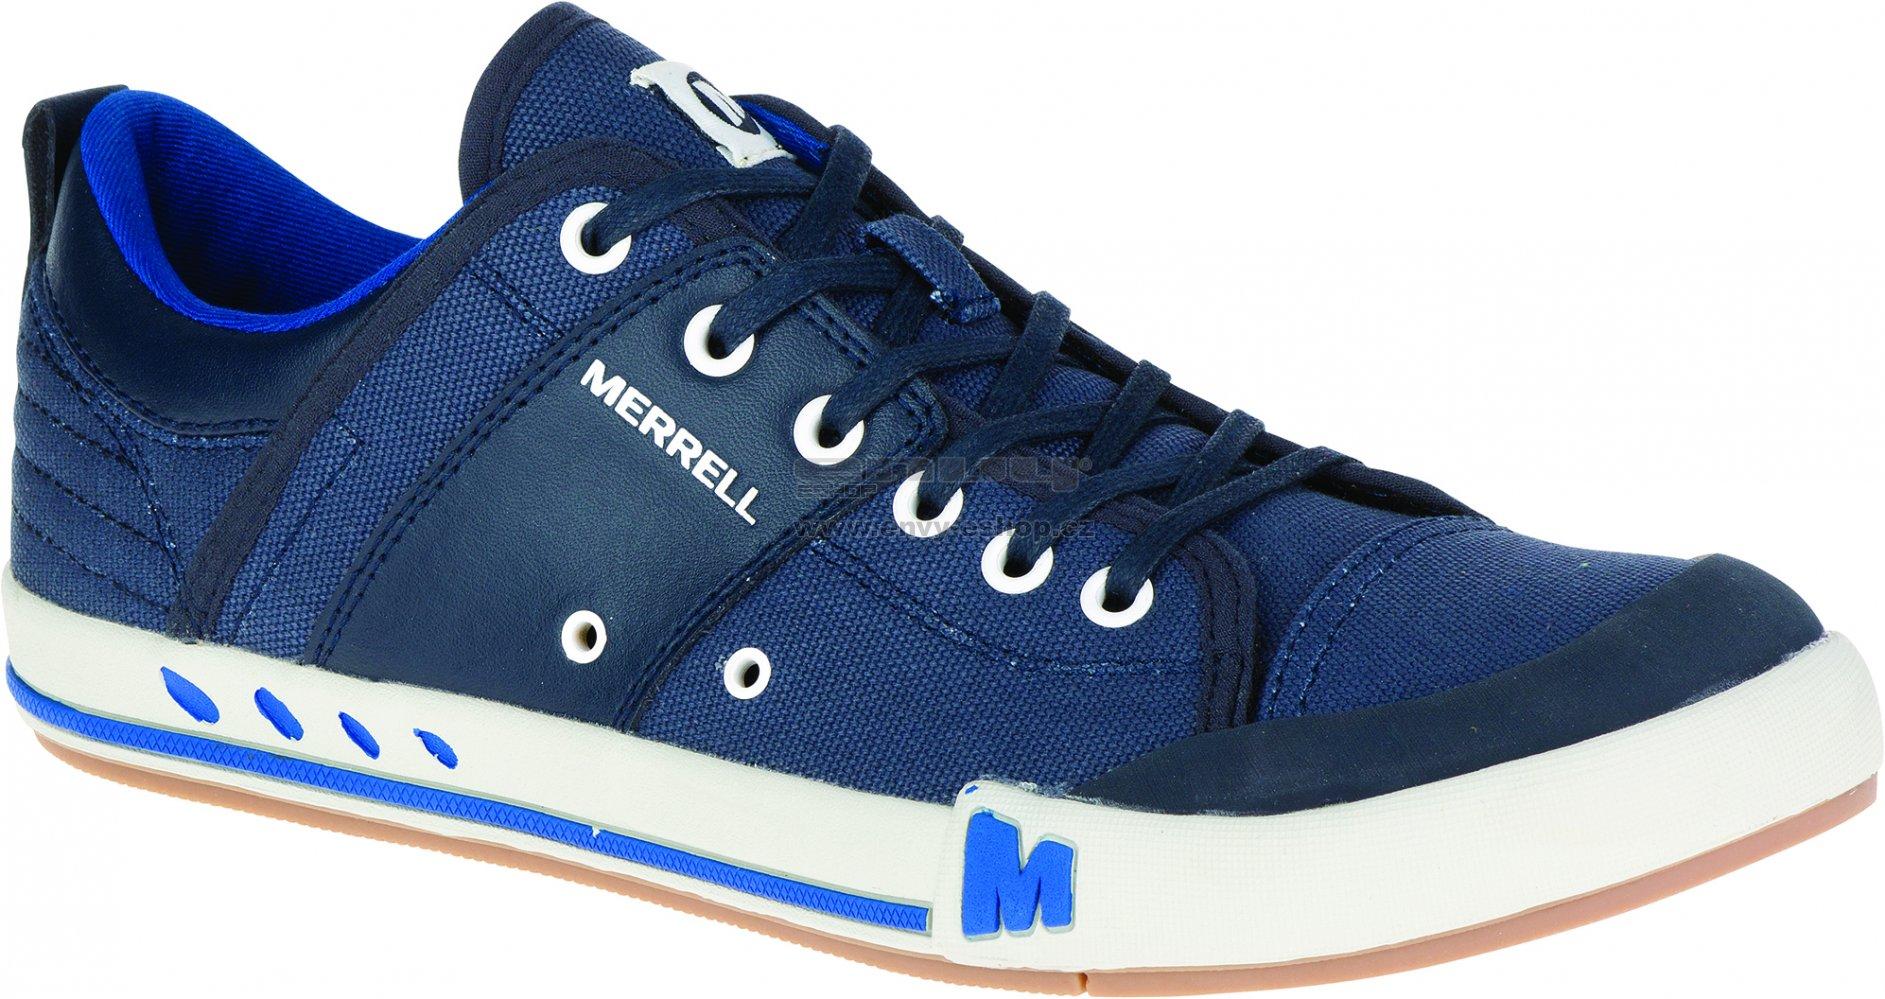 Pánská sportovní obuv MERRELL RANT J71209 INDIGO velikost  44 ( 9 13225388d0